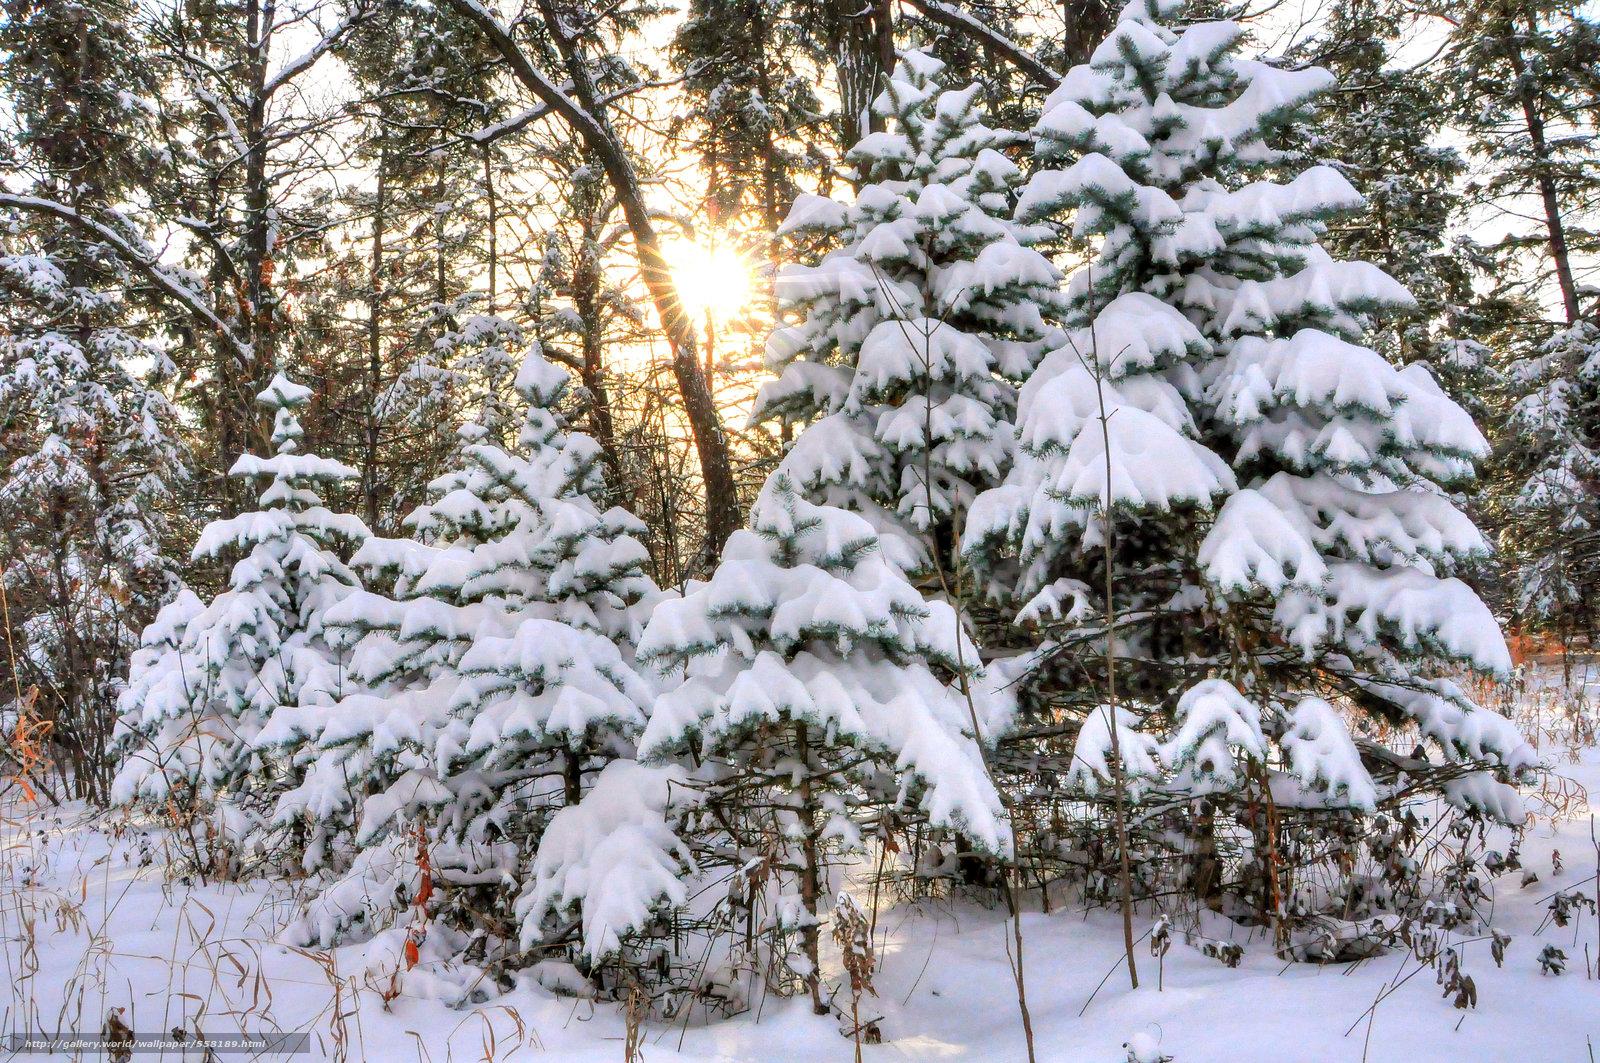 вешалка для фото зимнего леса под новый год военврач разговаривает мирным